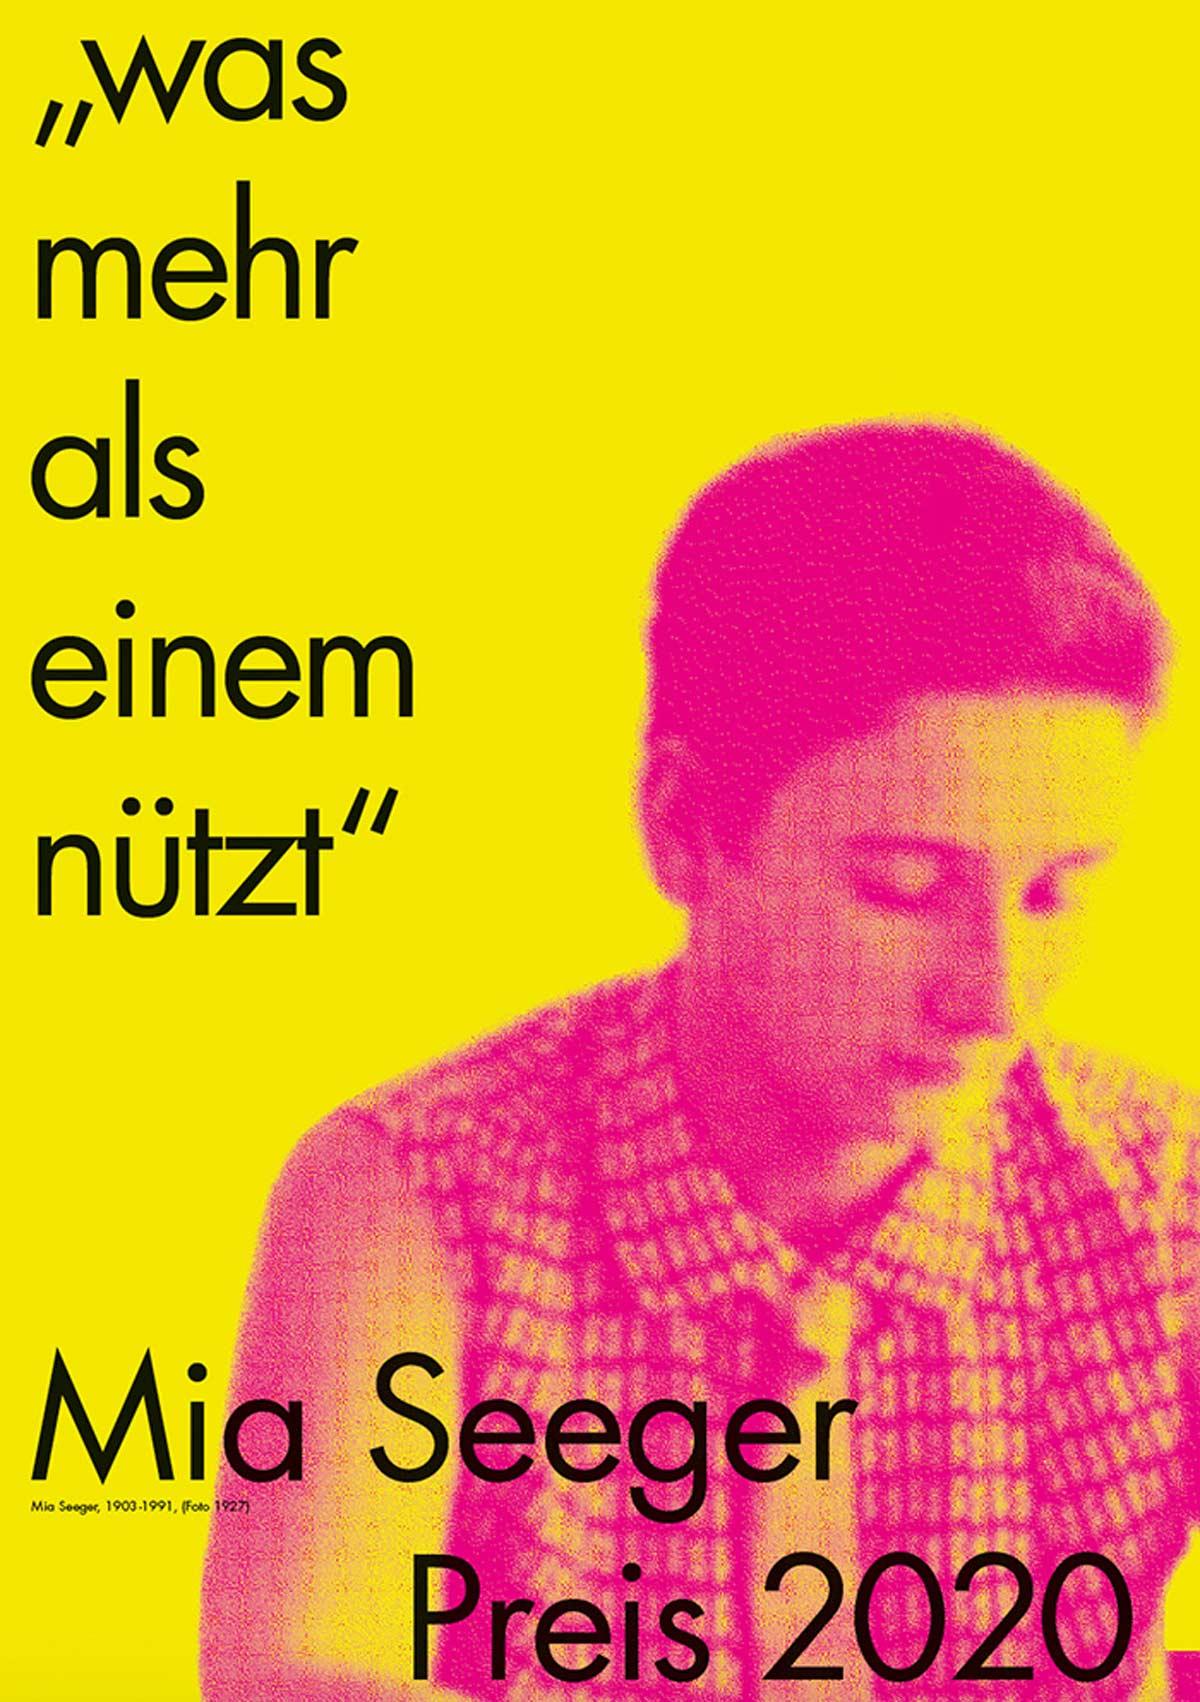 Mia Seeger Prize